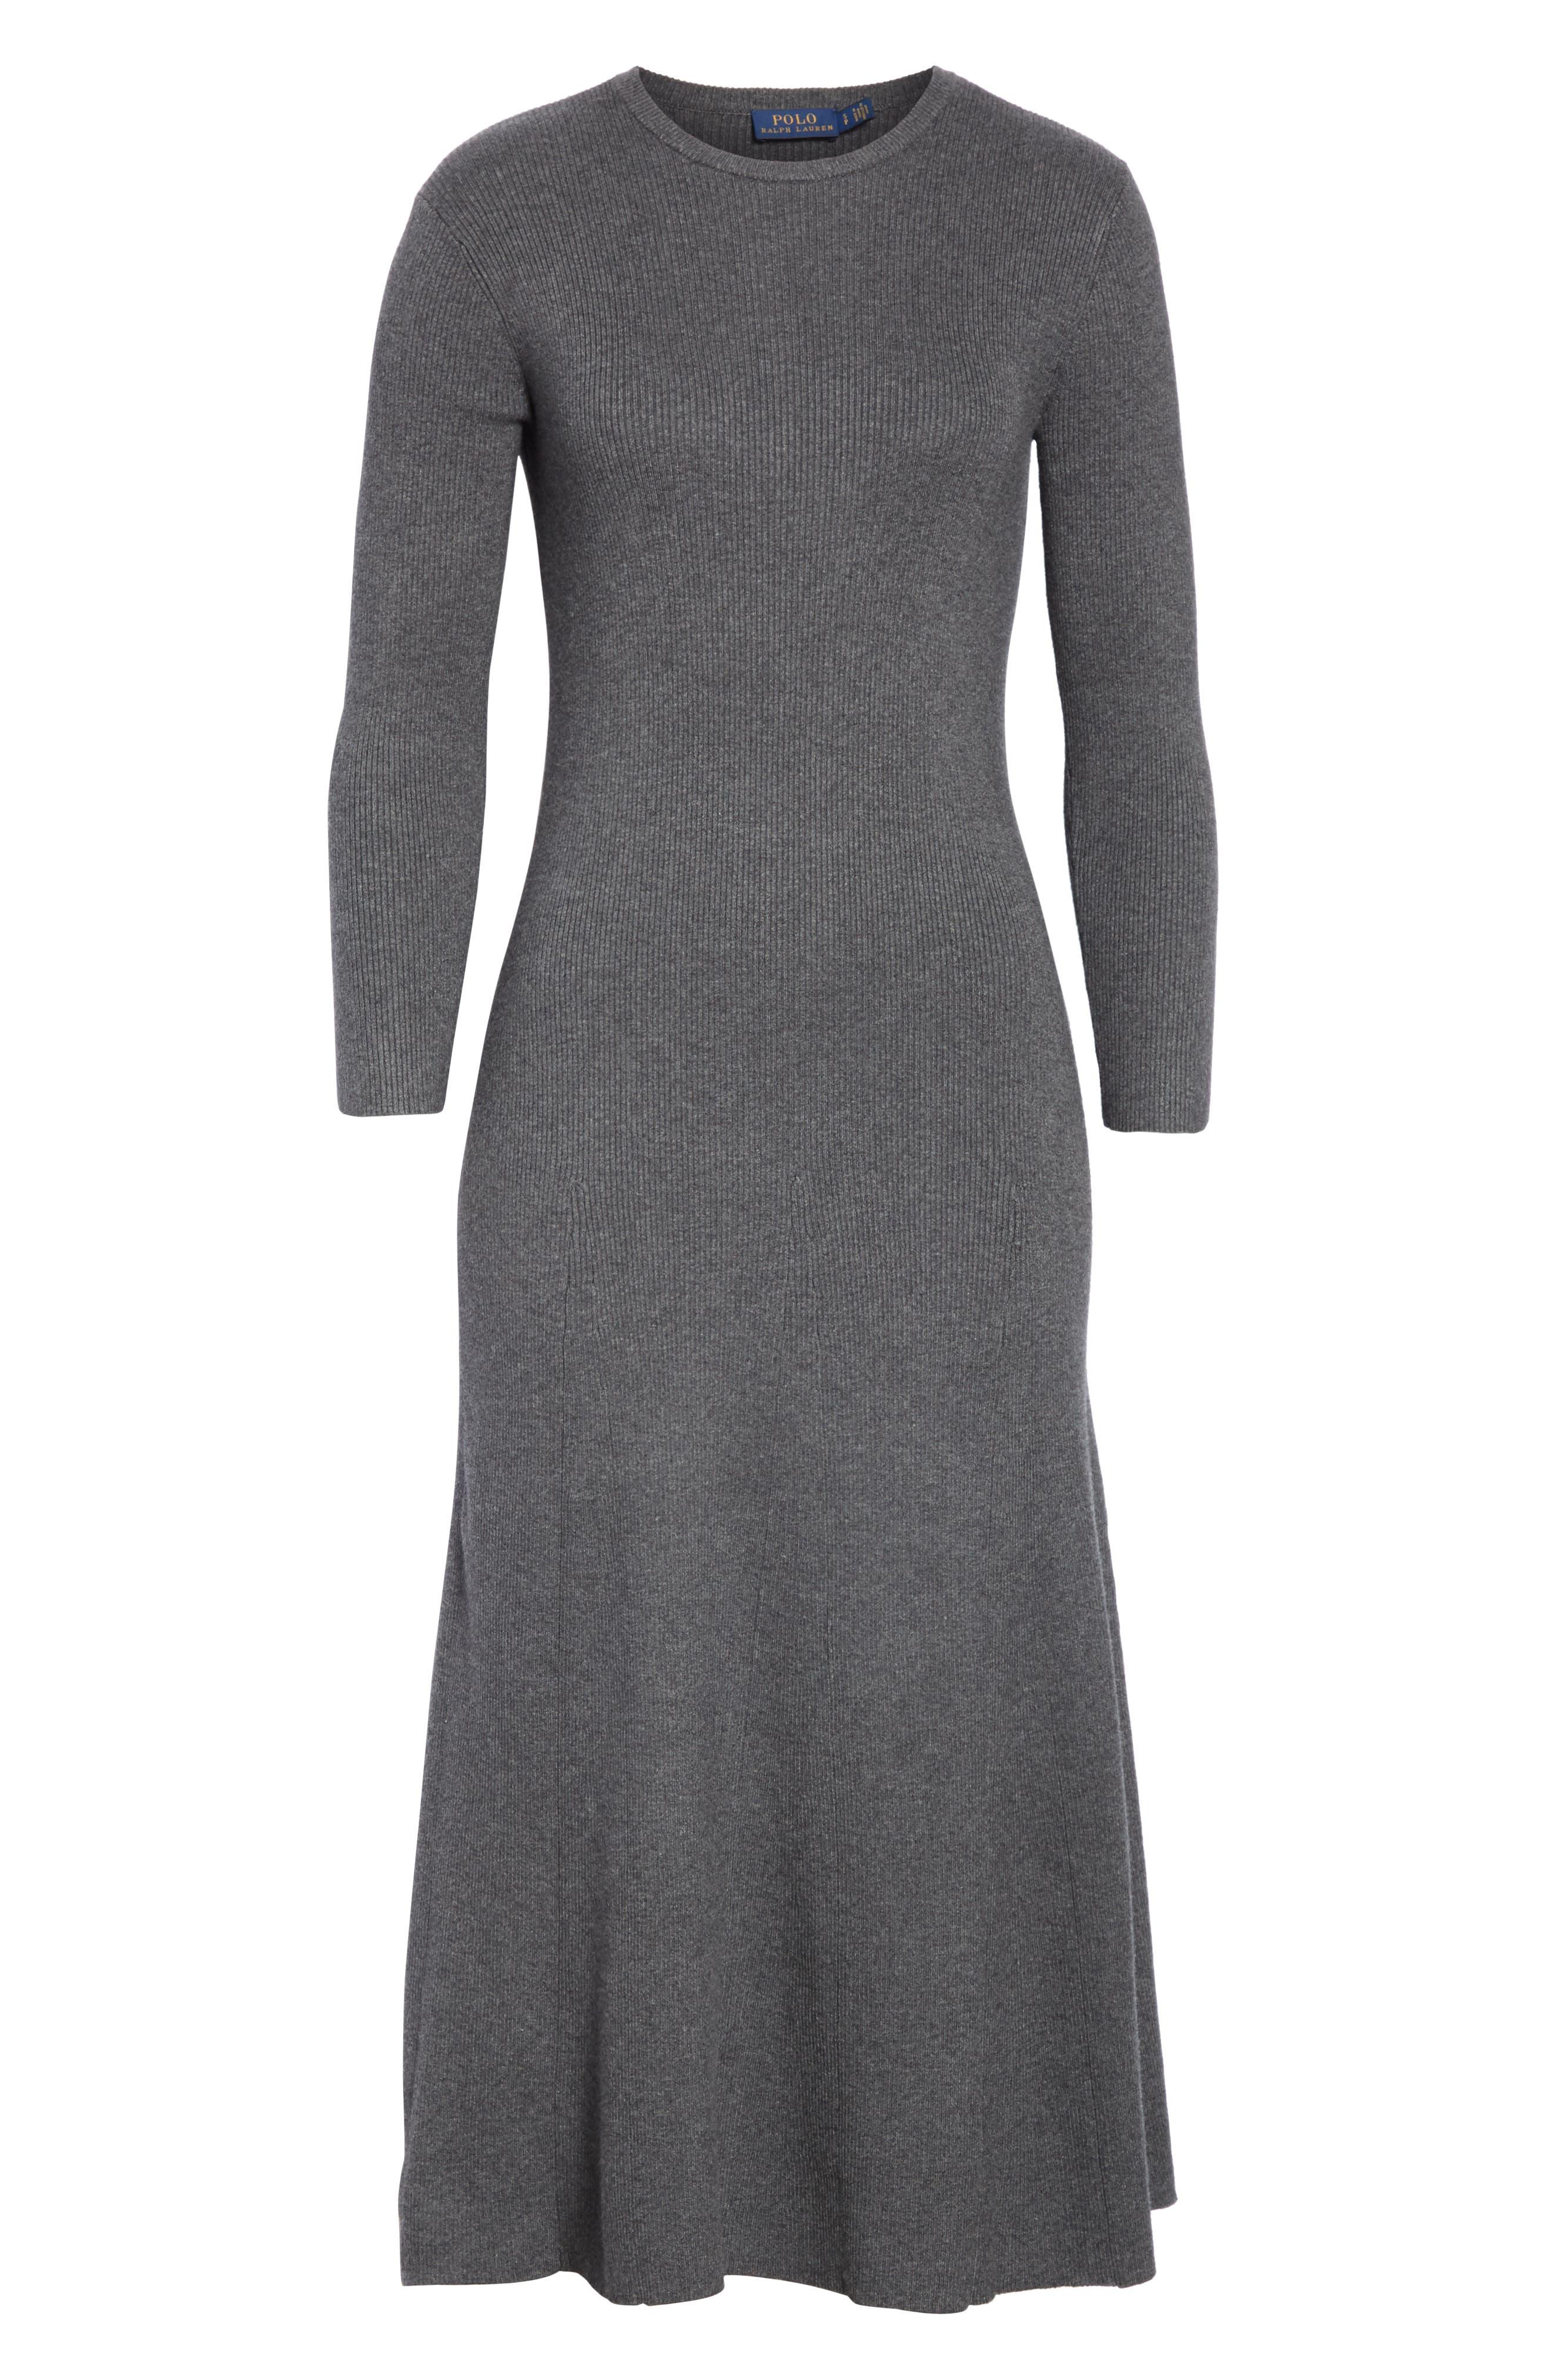 Midi Sweater Dress,                             Alternate thumbnail 6, color,                             020